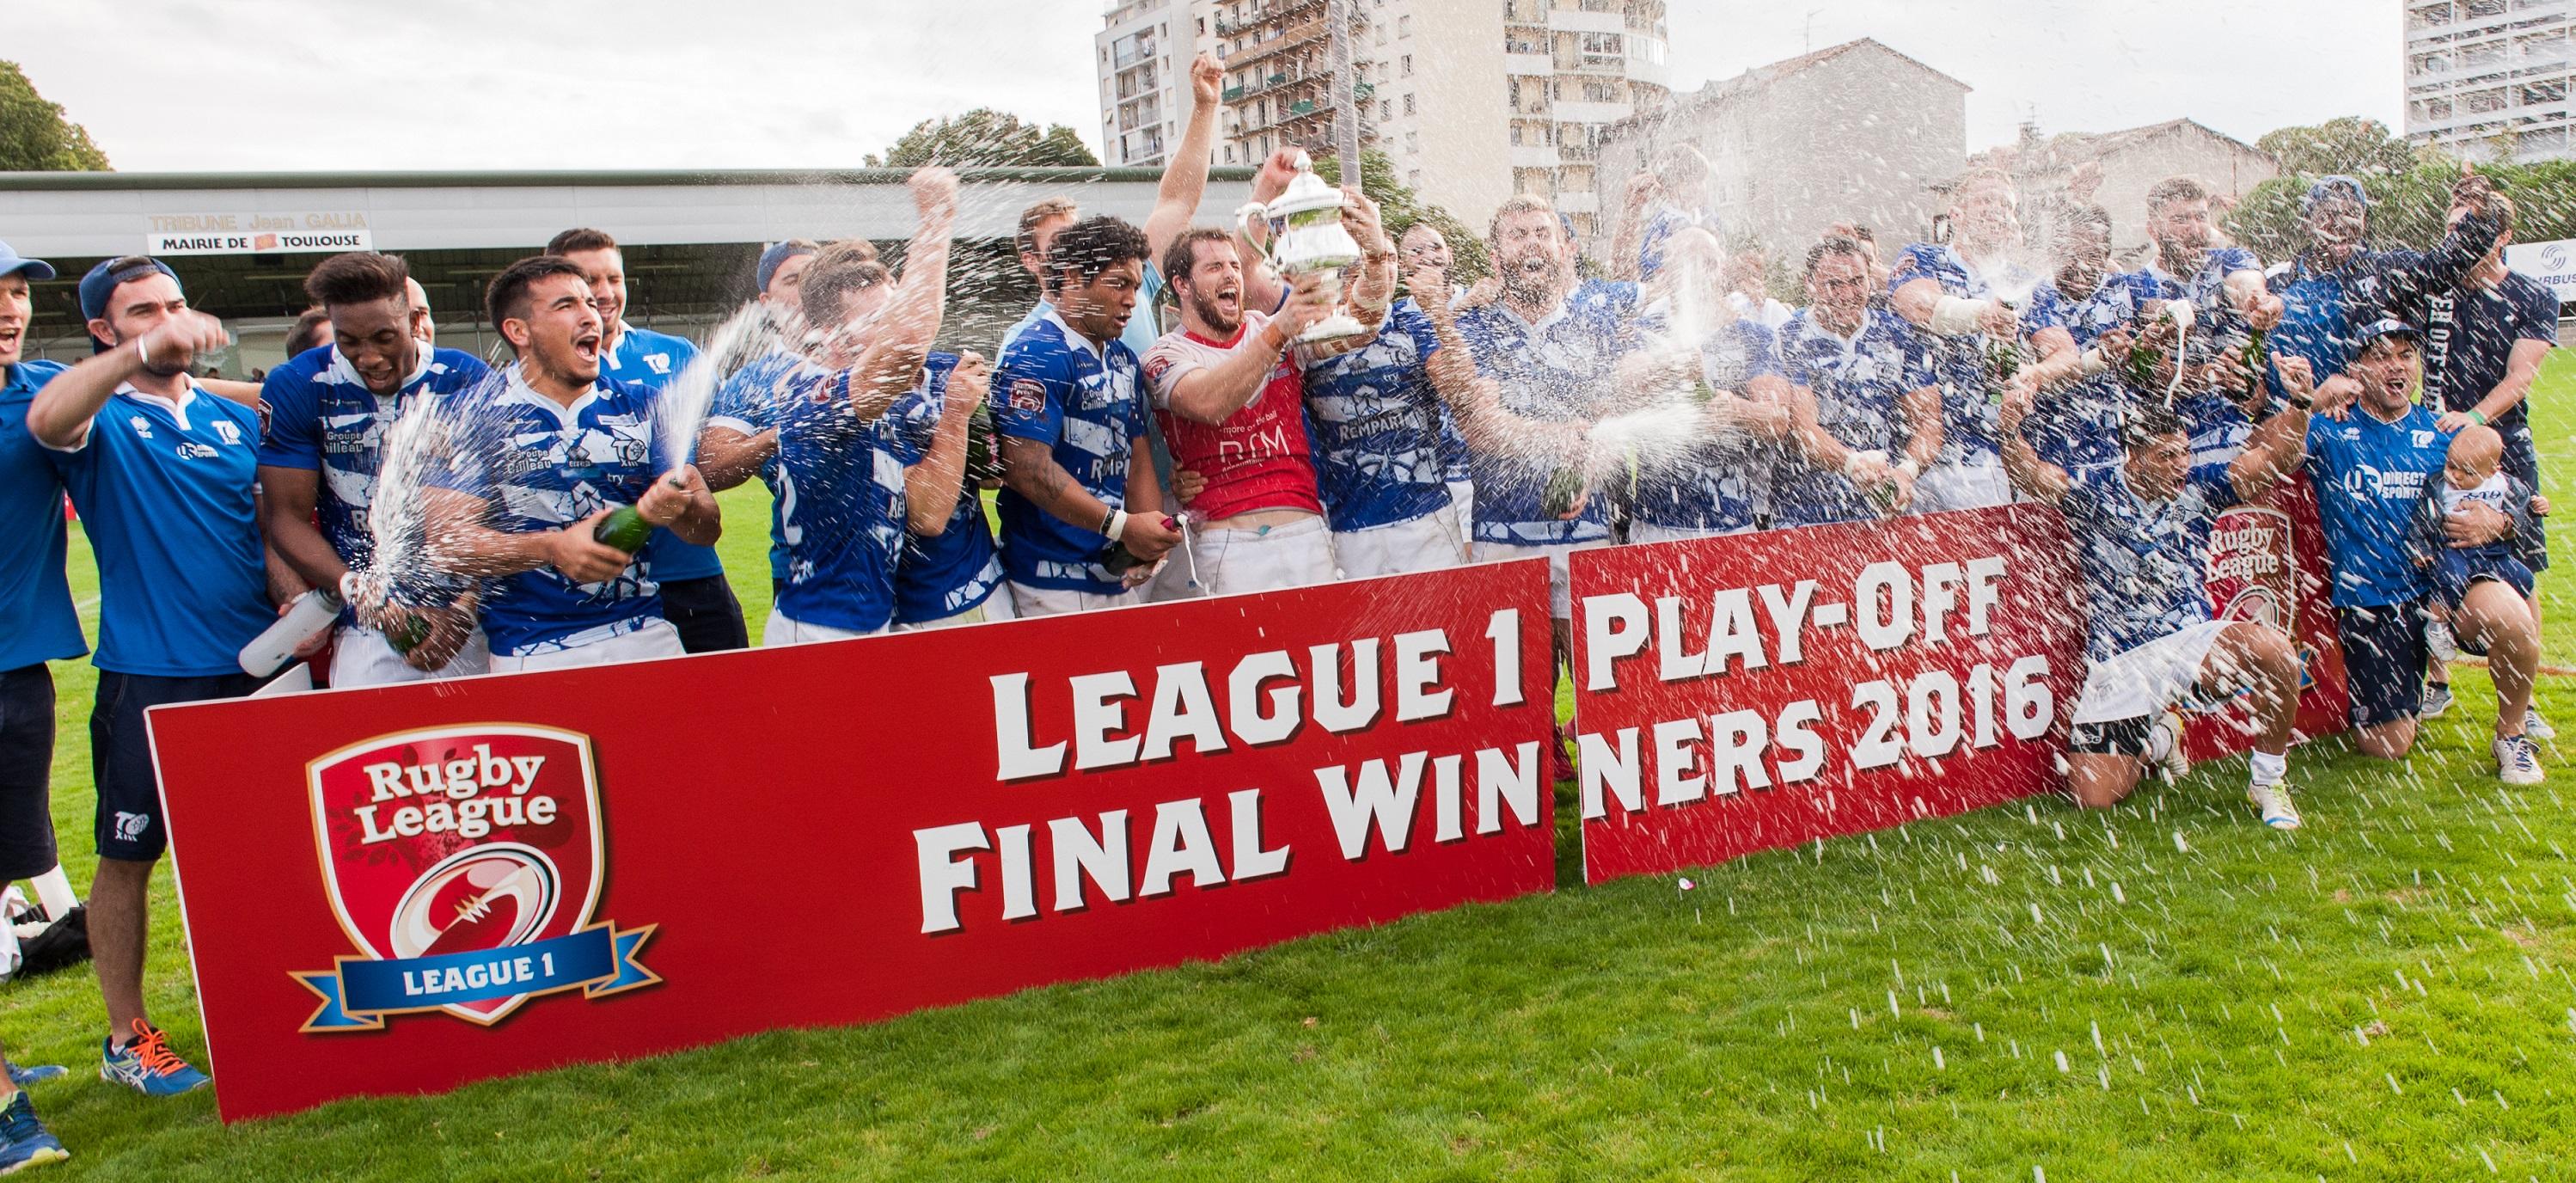 apres-la-league-one-place-au-championship-pour-le-to-xiii-alain-soula